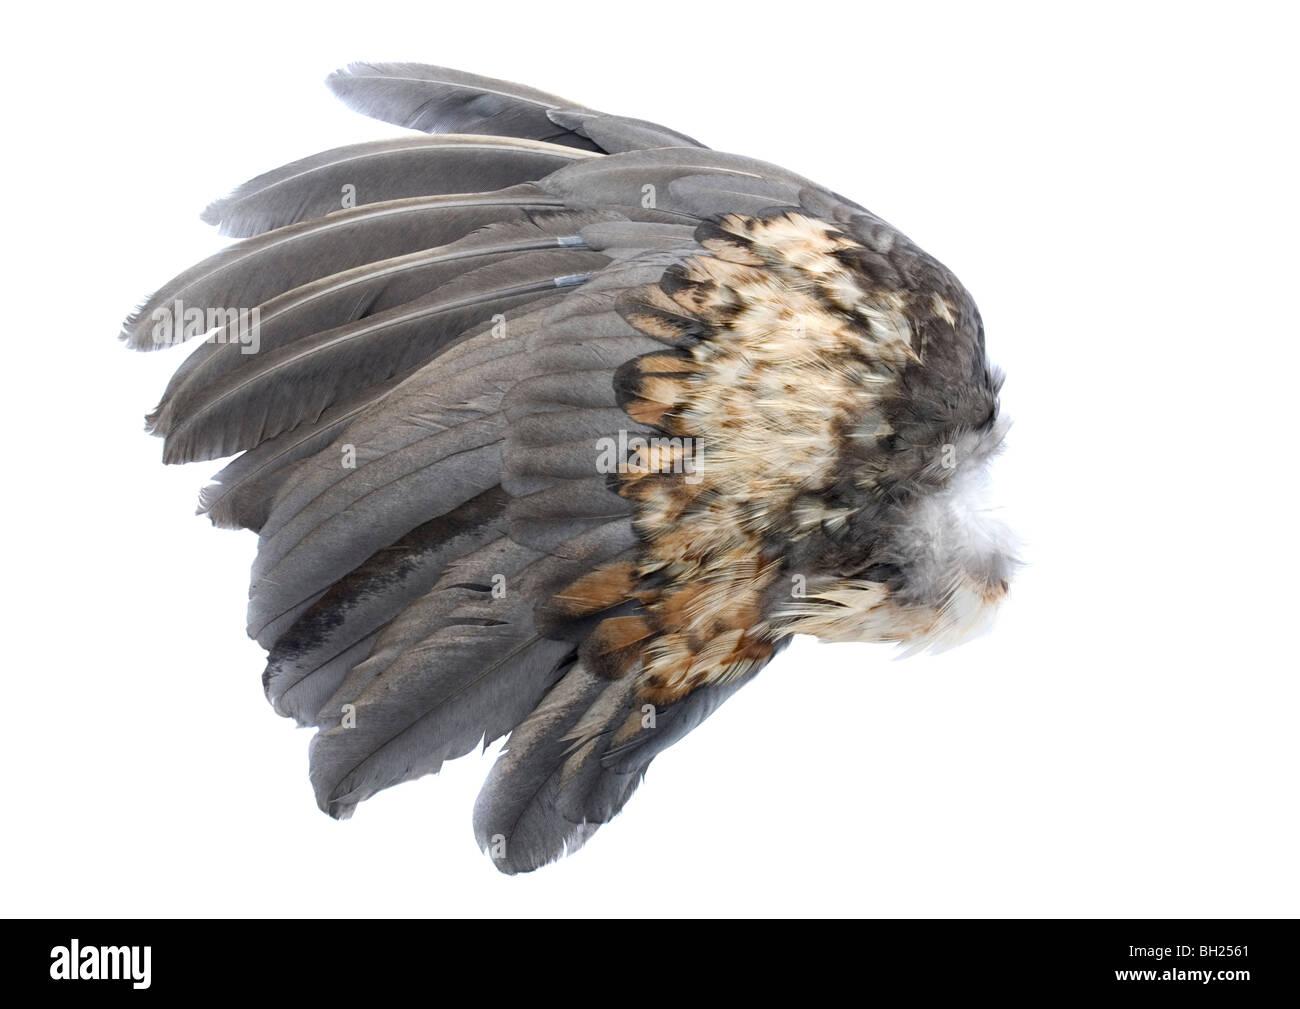 huhner flugel